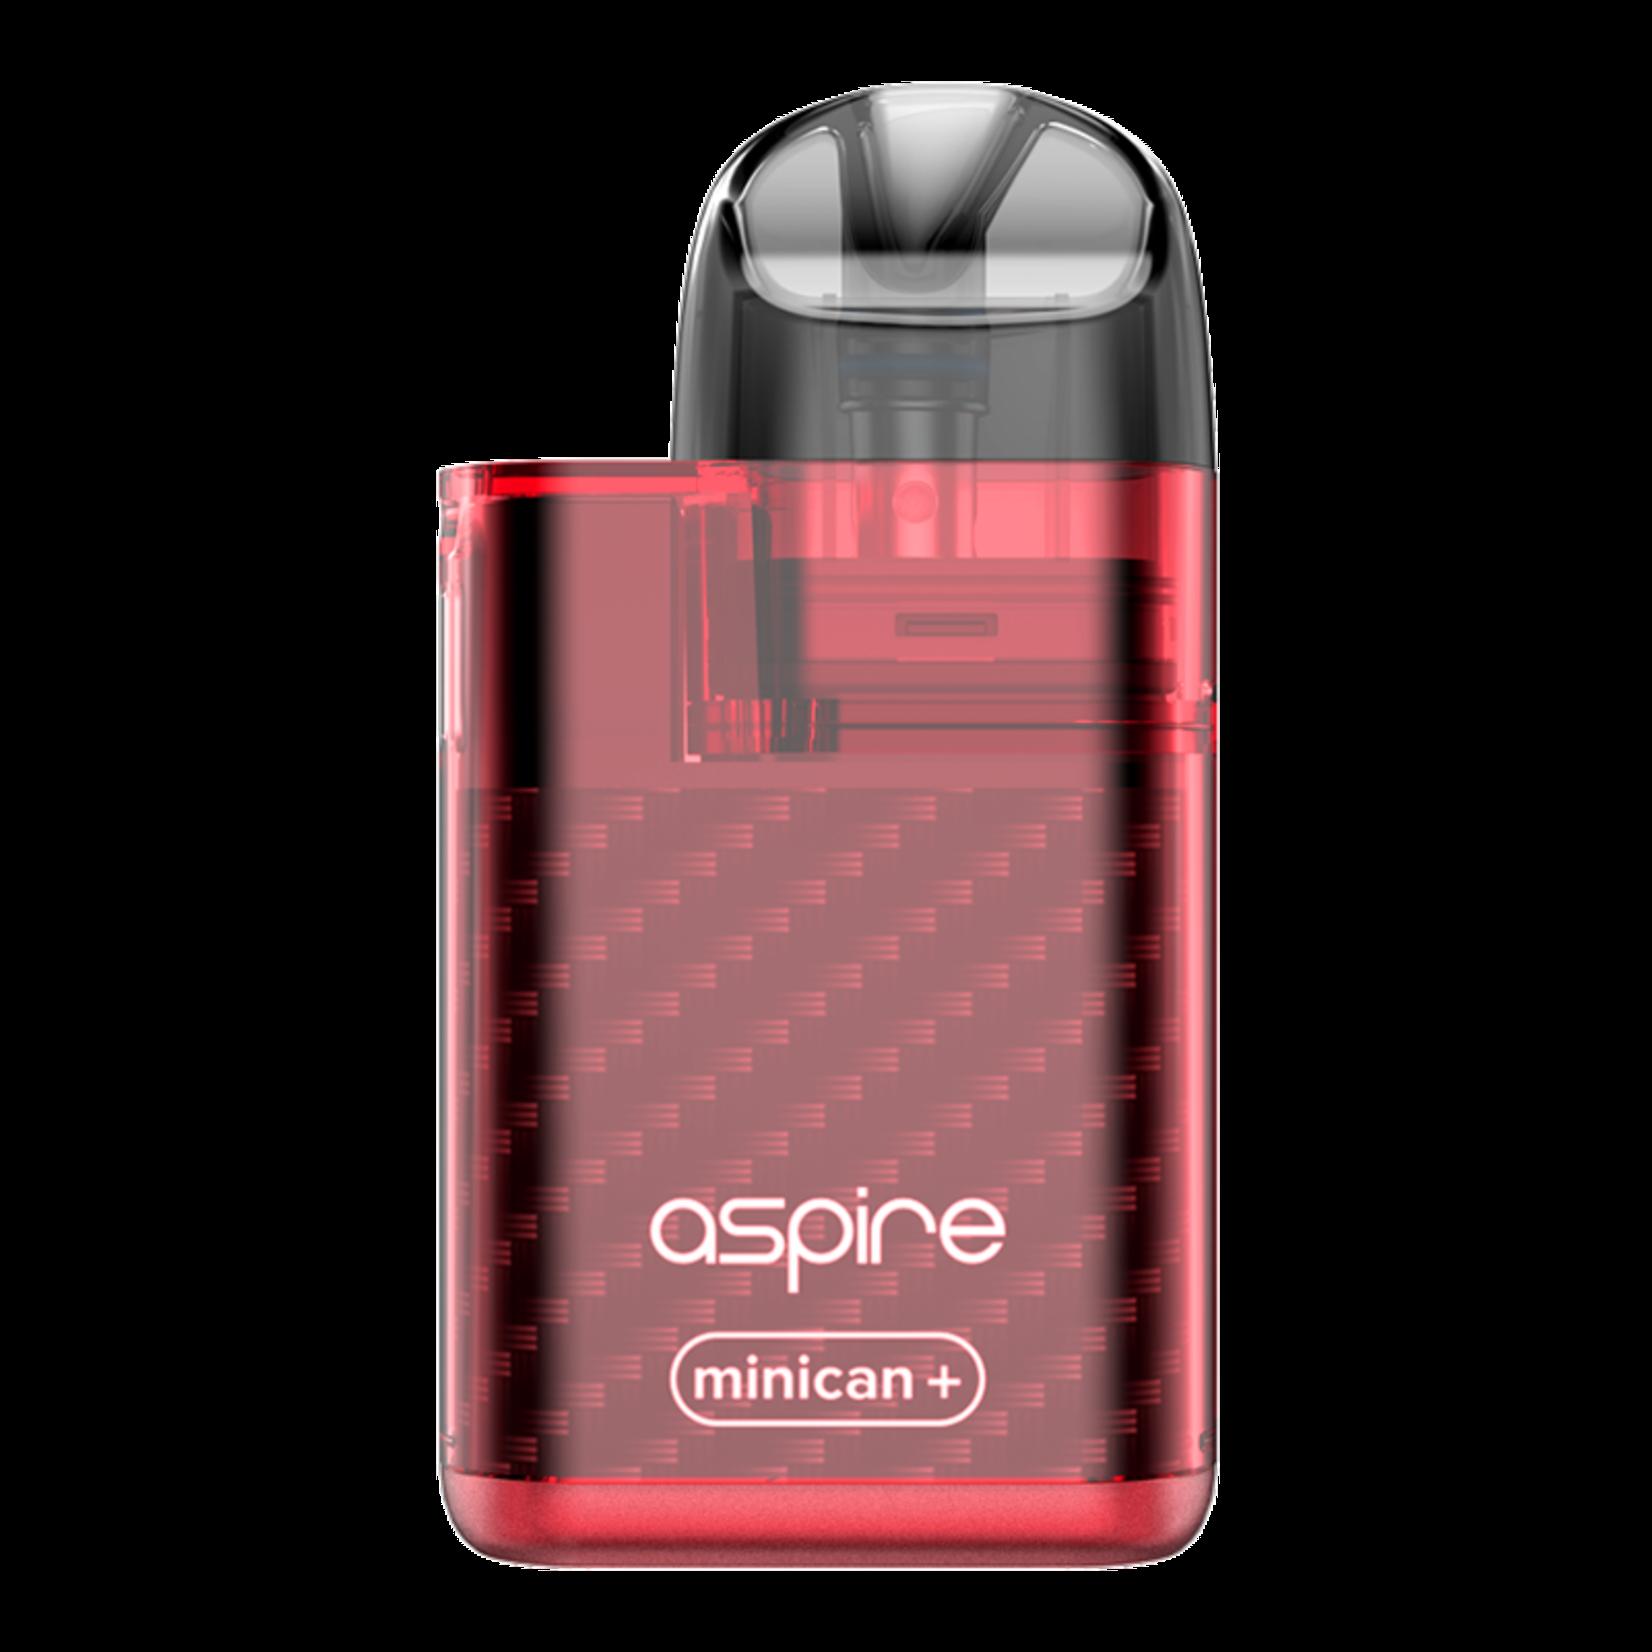 Aspire Minican+